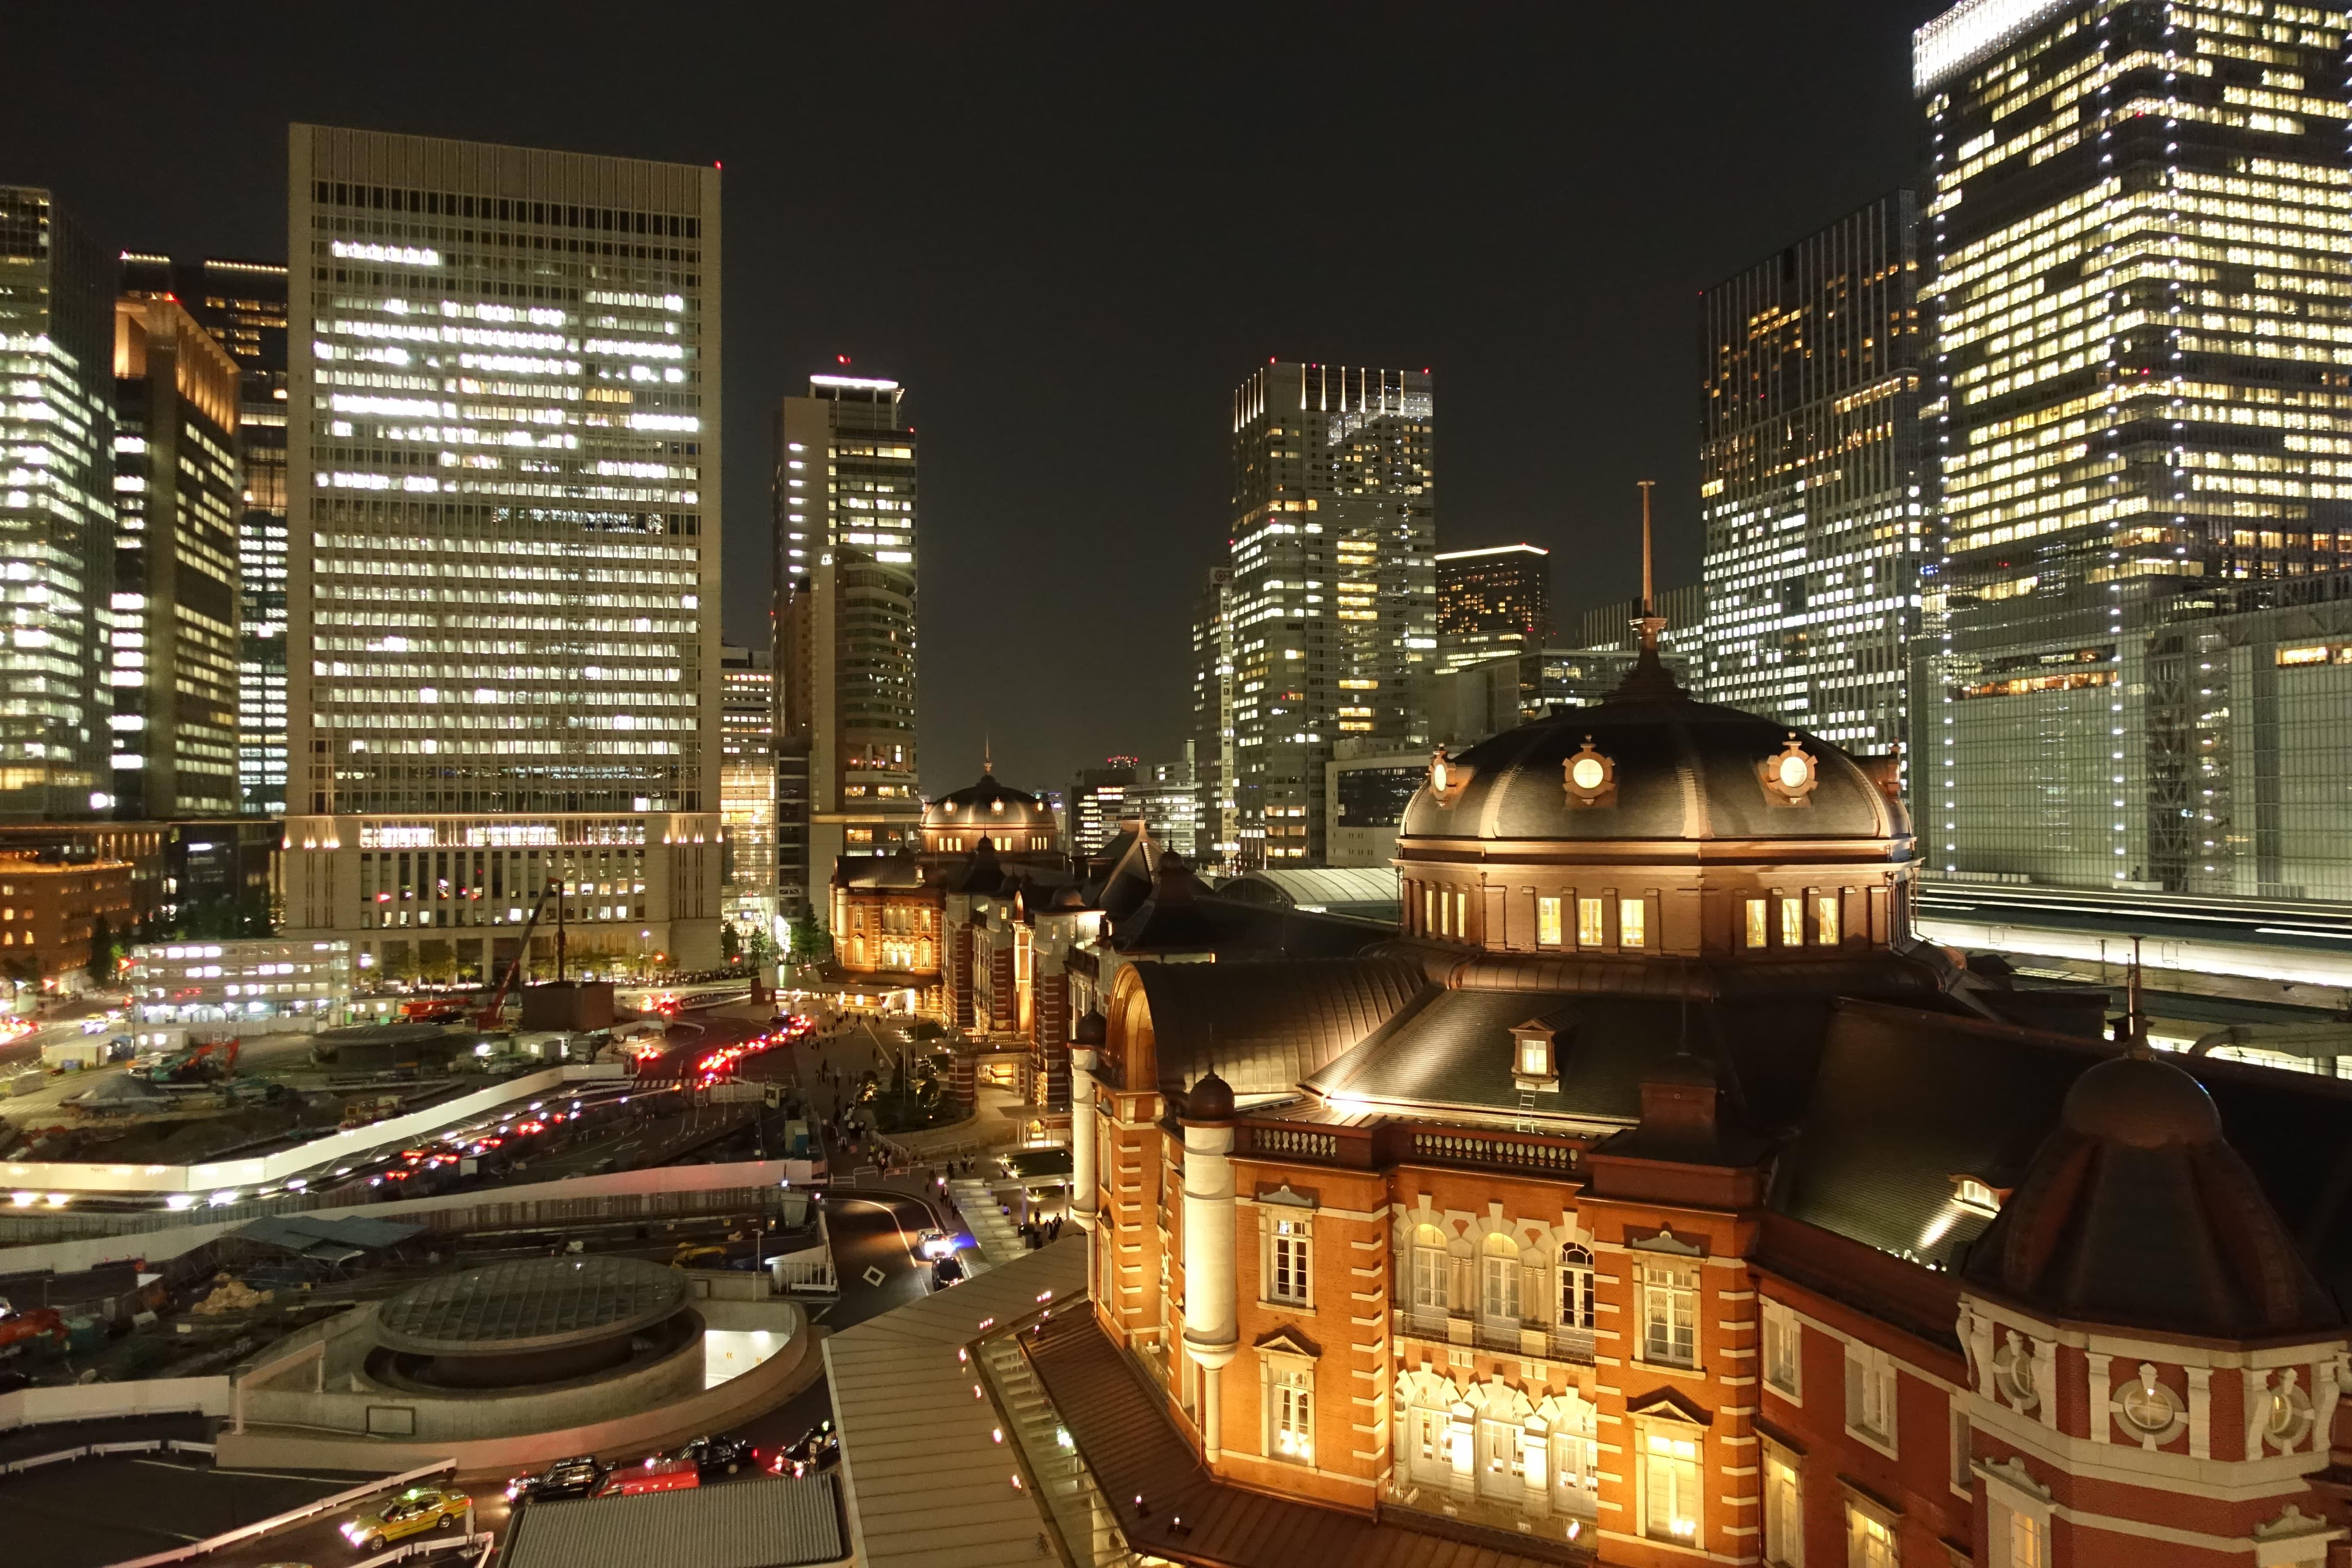 デートに最適!無料で行ける東京の絶景夜景スポット厳選15選